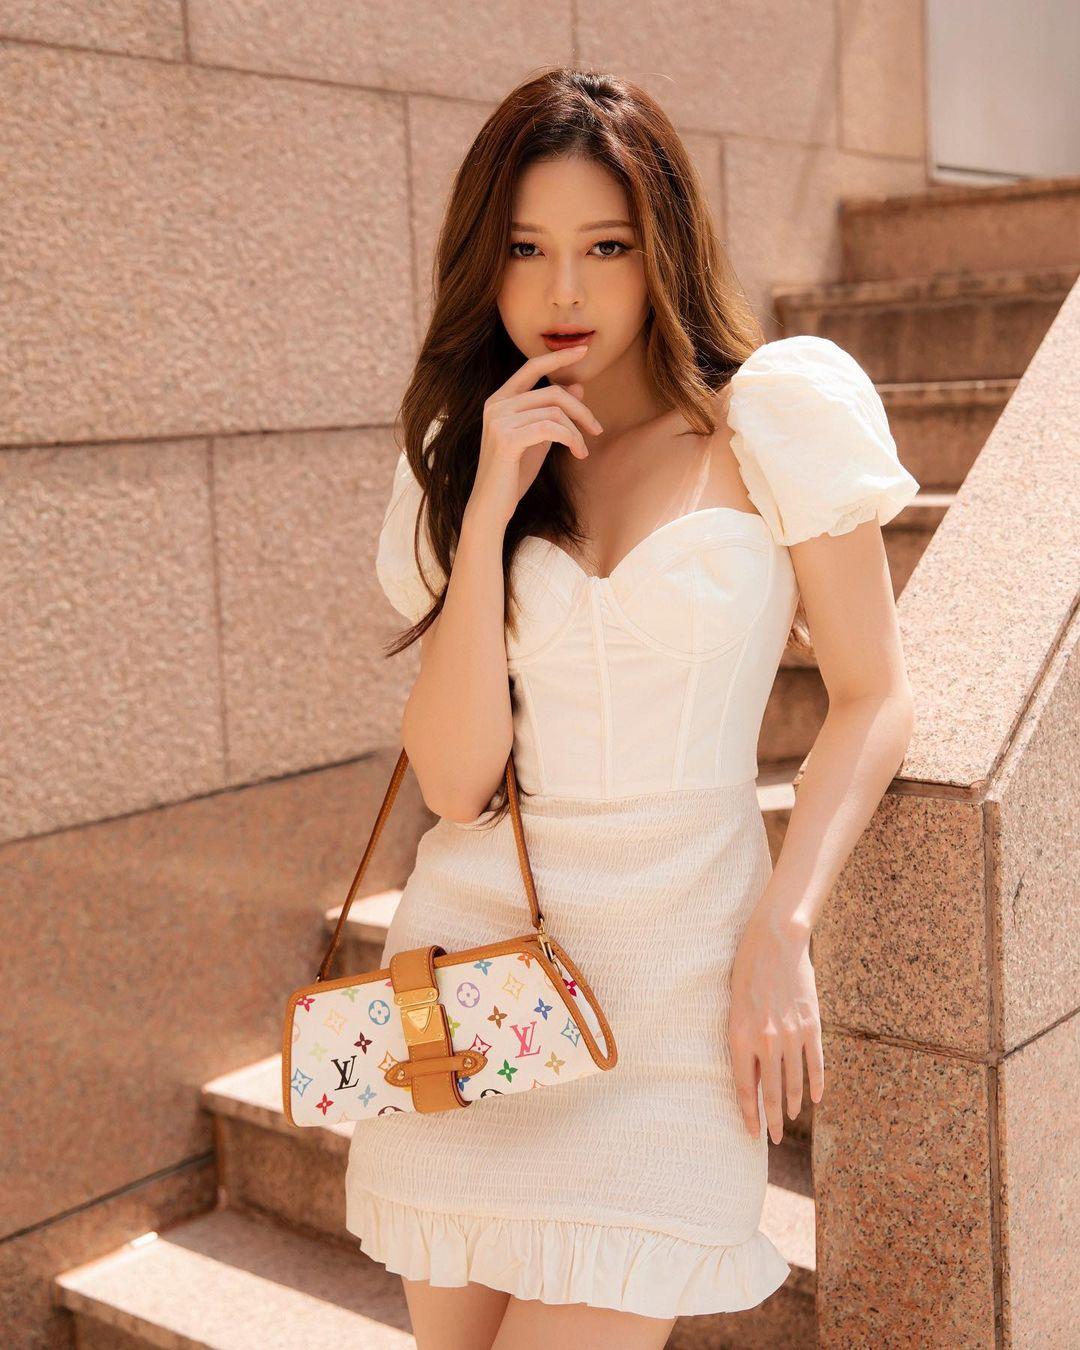 Diện váy trắng tay bồng ngọt ngào, Liz Kim Cương dùng chiếc túi vintage của Louis Vuitton làm điểm nhấn.